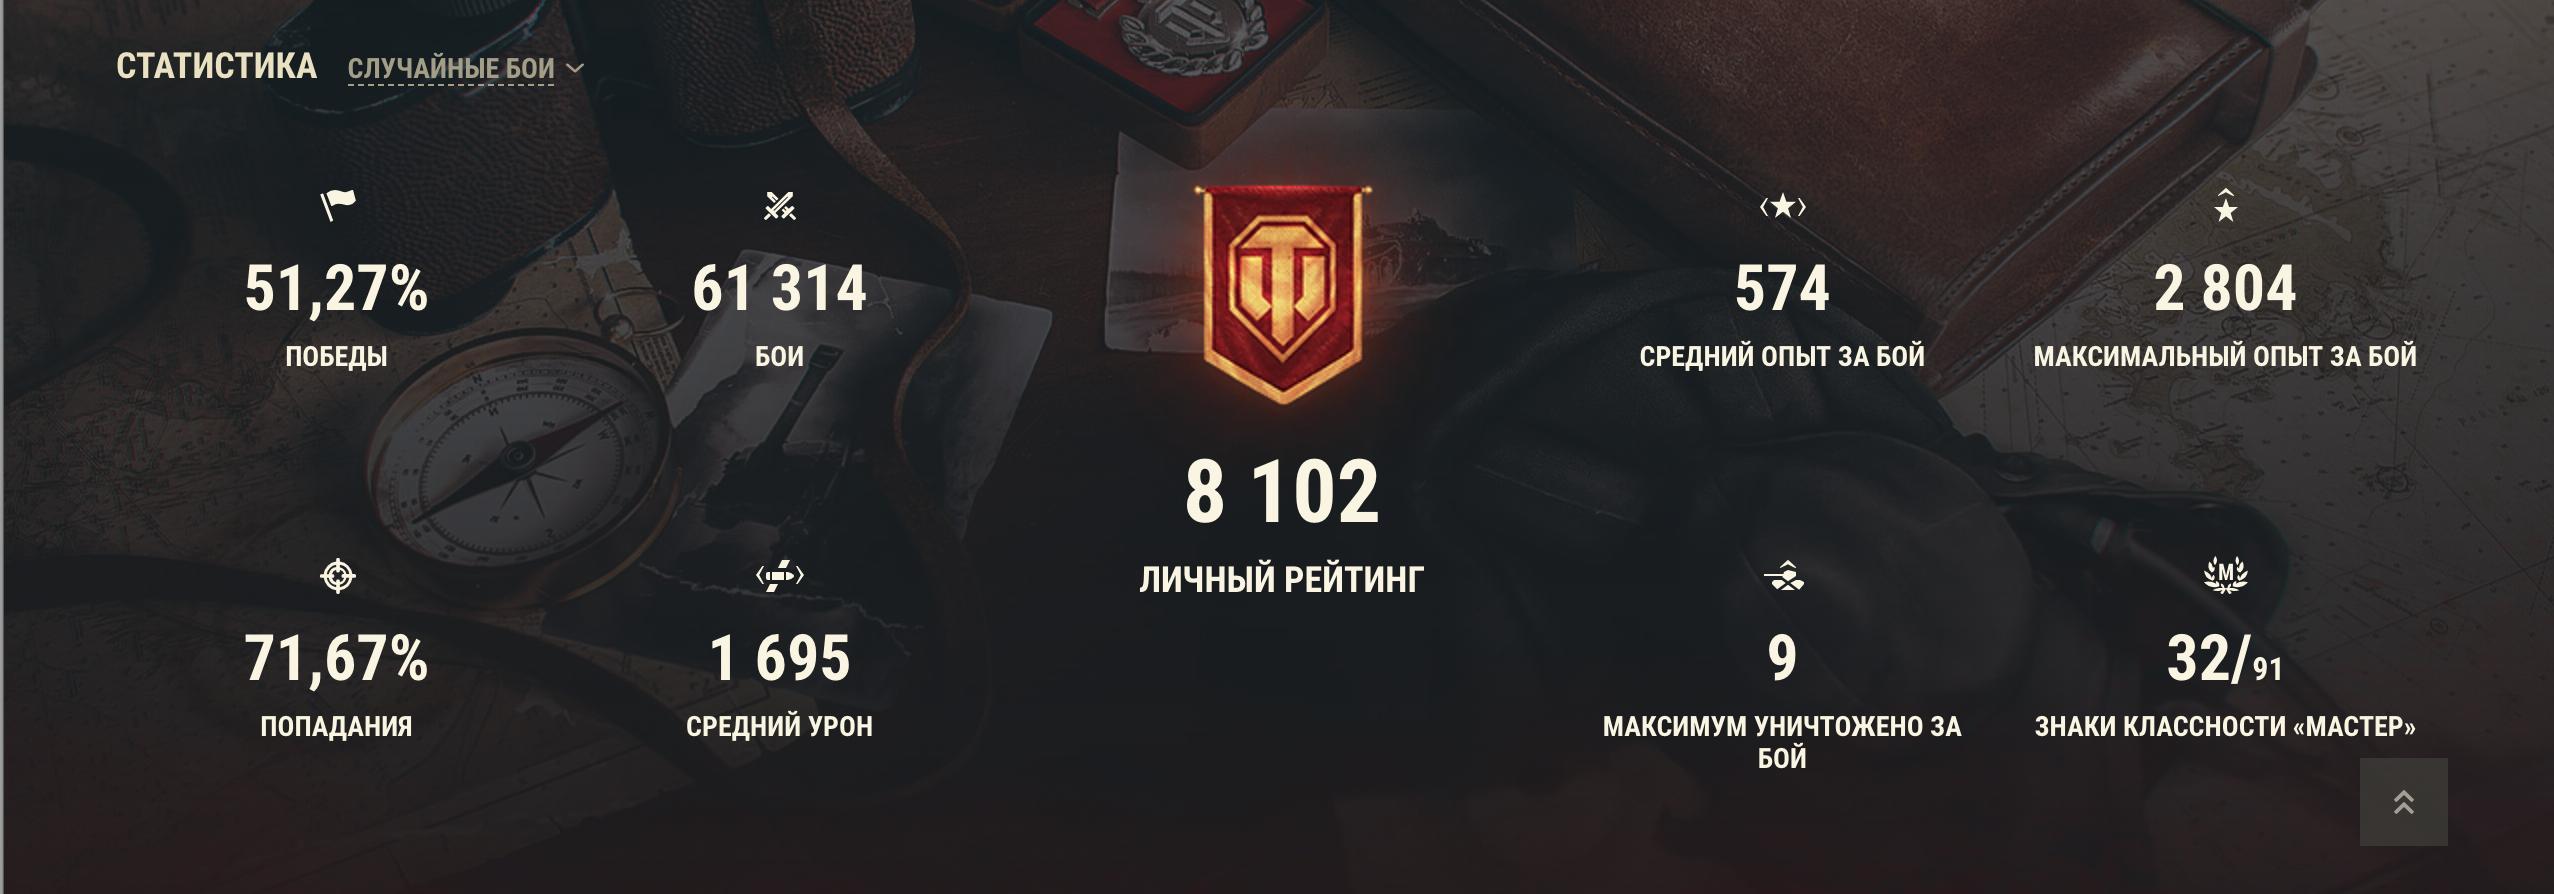 WOT Аккаунт - 7 ТОПОВ, 51% ПОБЕД, 1 ПРЕМ, 61К БОЕВ